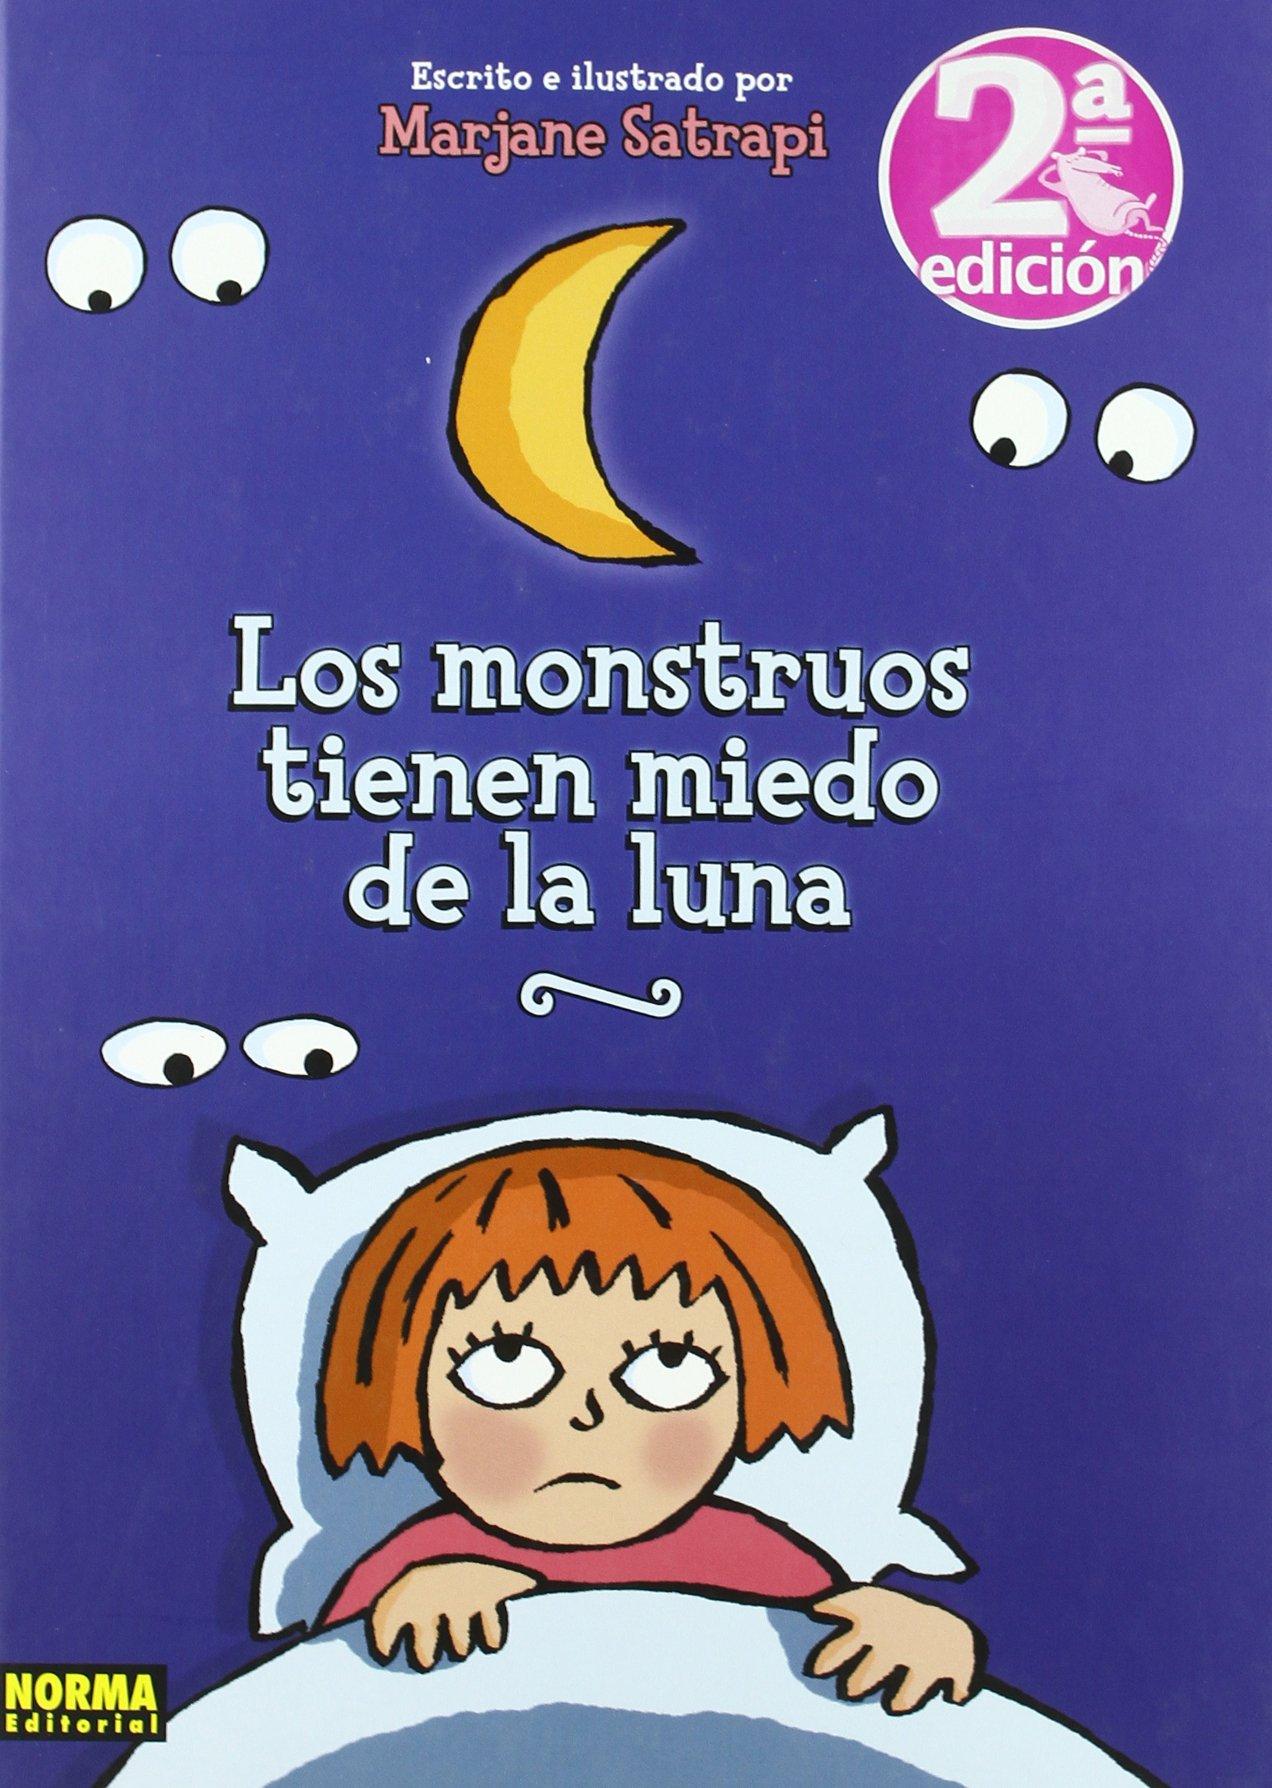 LOS MONSTRUOS TIENEN MIEDO DE LA LUNA INFANTIL Y JUVENIL - 9788498478488: Amazon.es: Marjane Satrapi: Libros